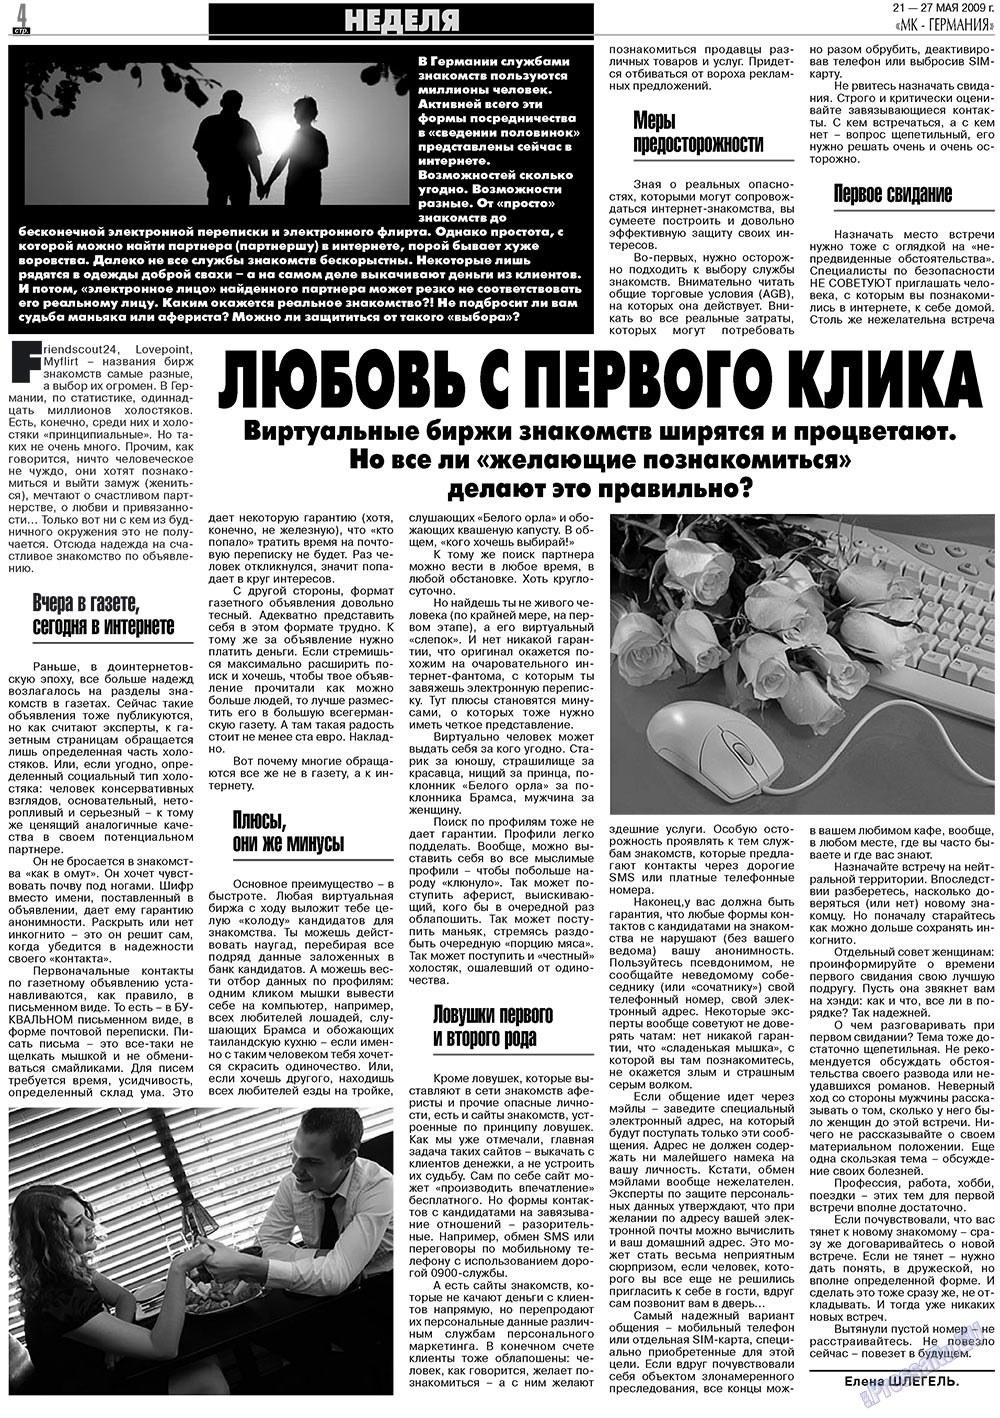 газетные объявления знакомств с телефонами